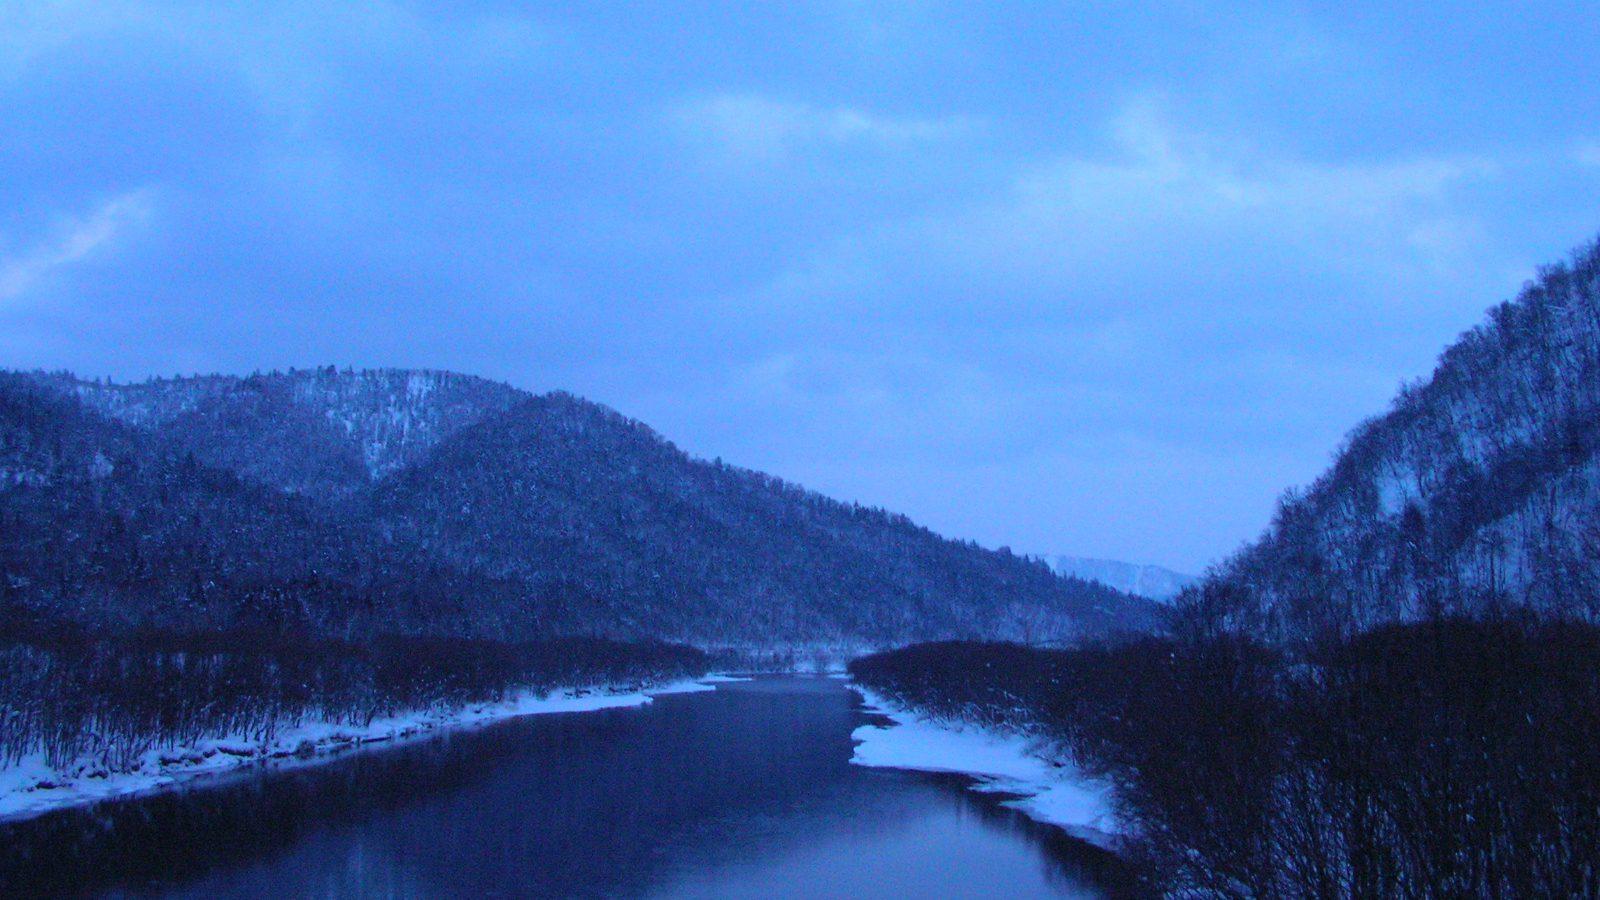 Tranquil Mountain Village Otoineppu